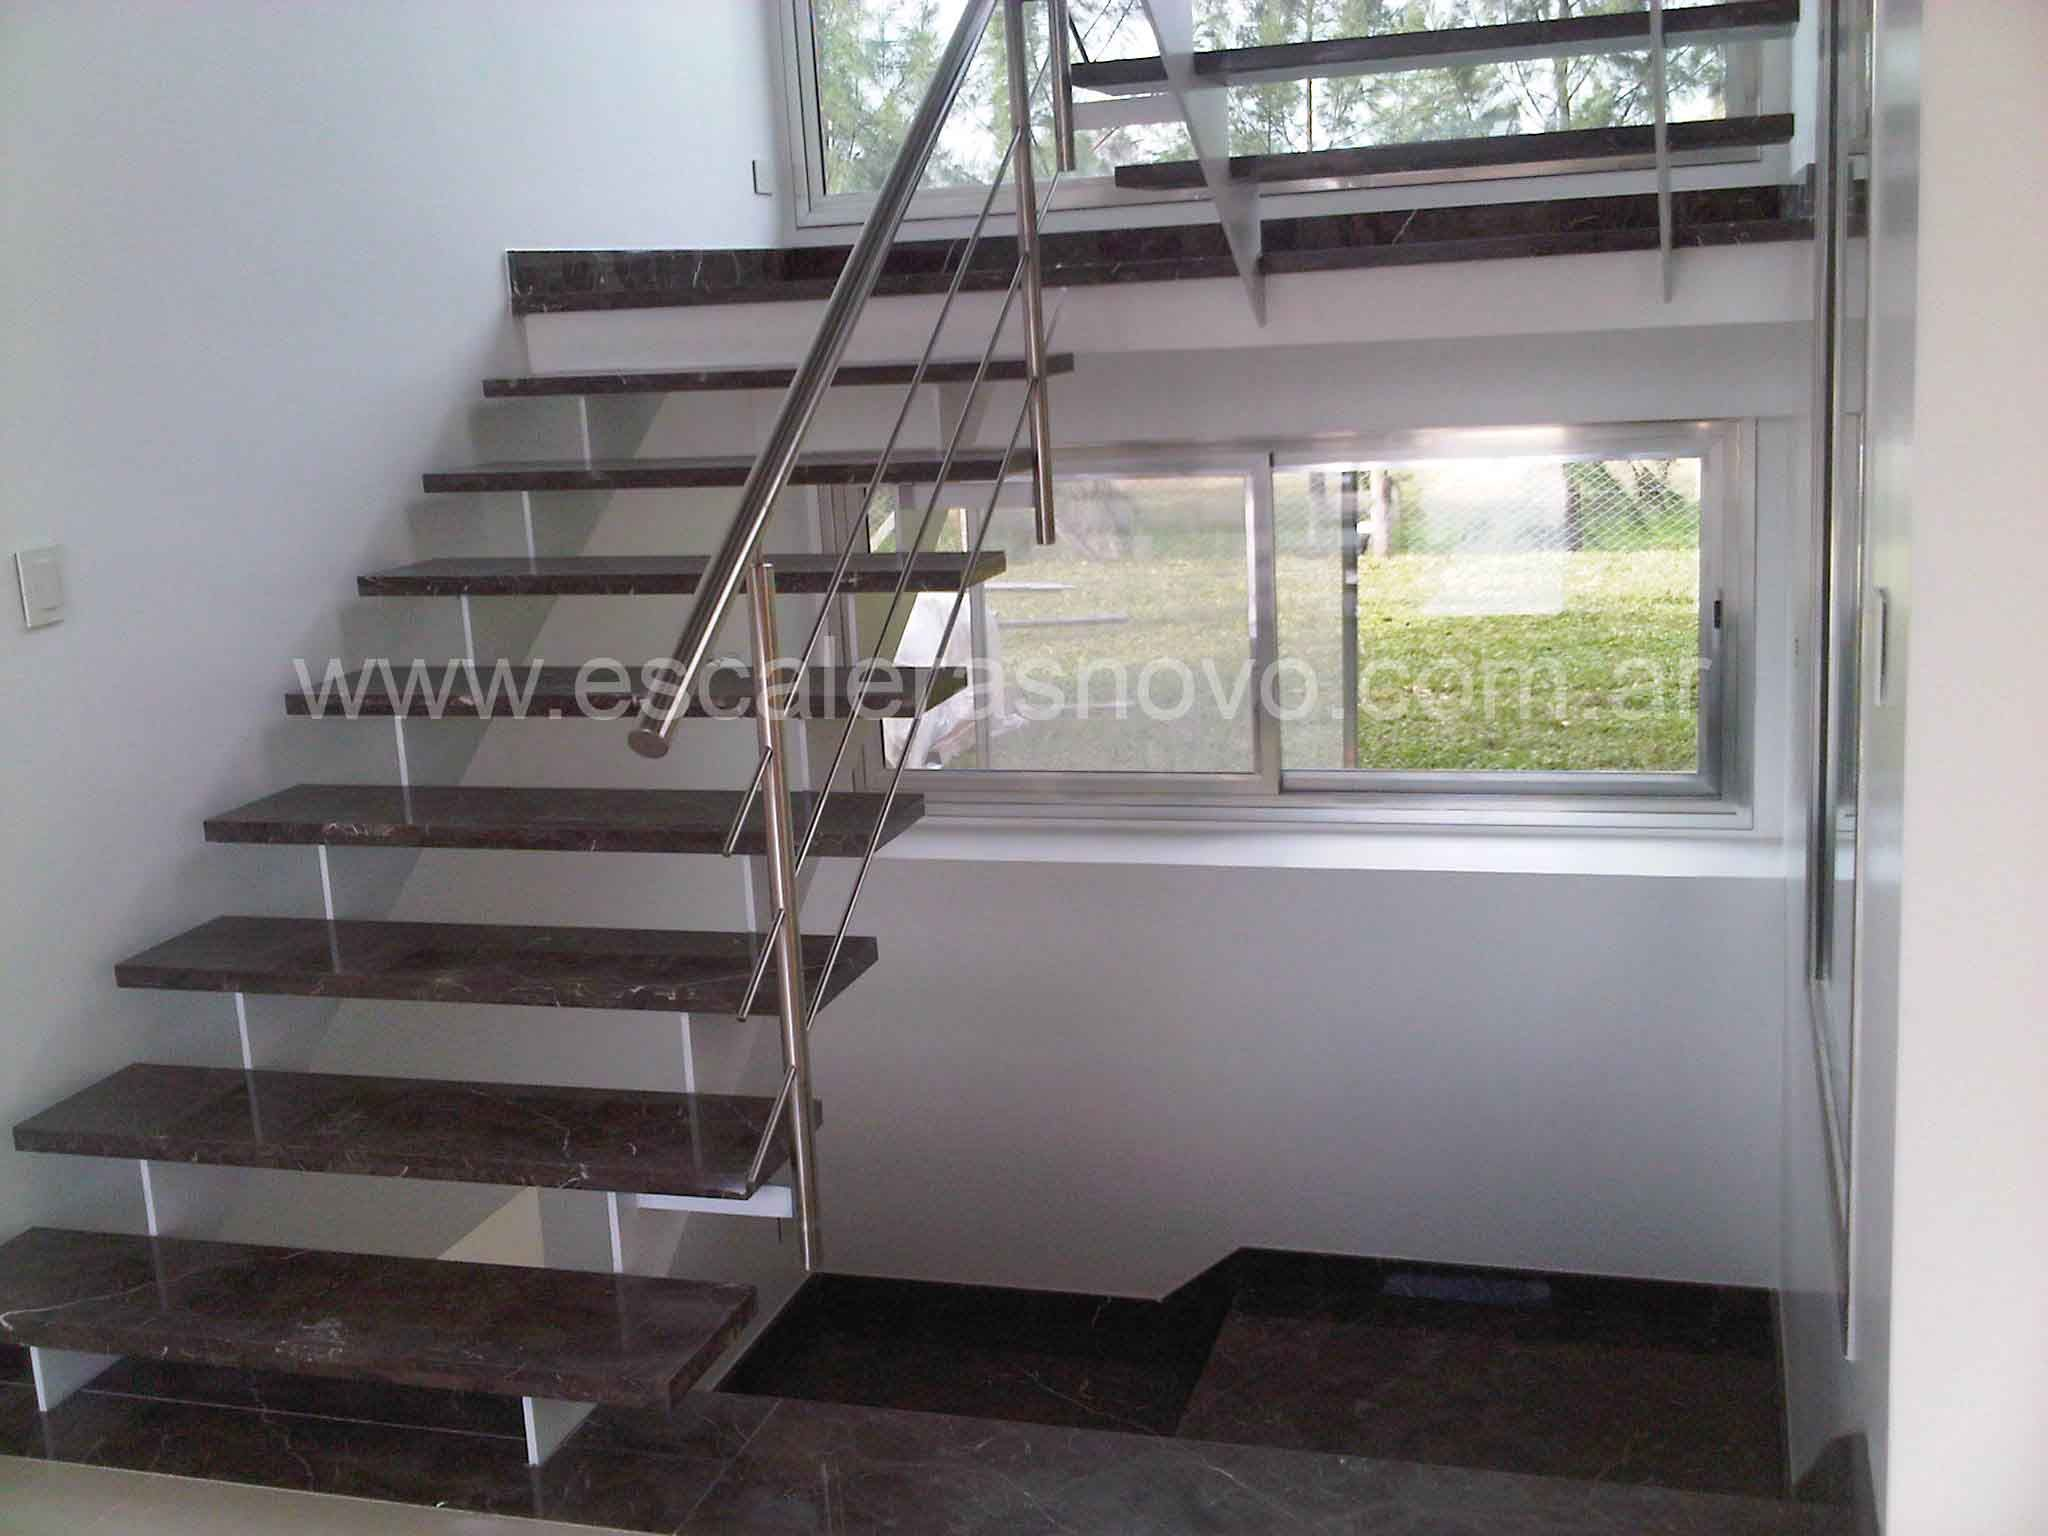 Escalera de marmol con baranda en acero inoxidable - Barandas escaleras modernas ...